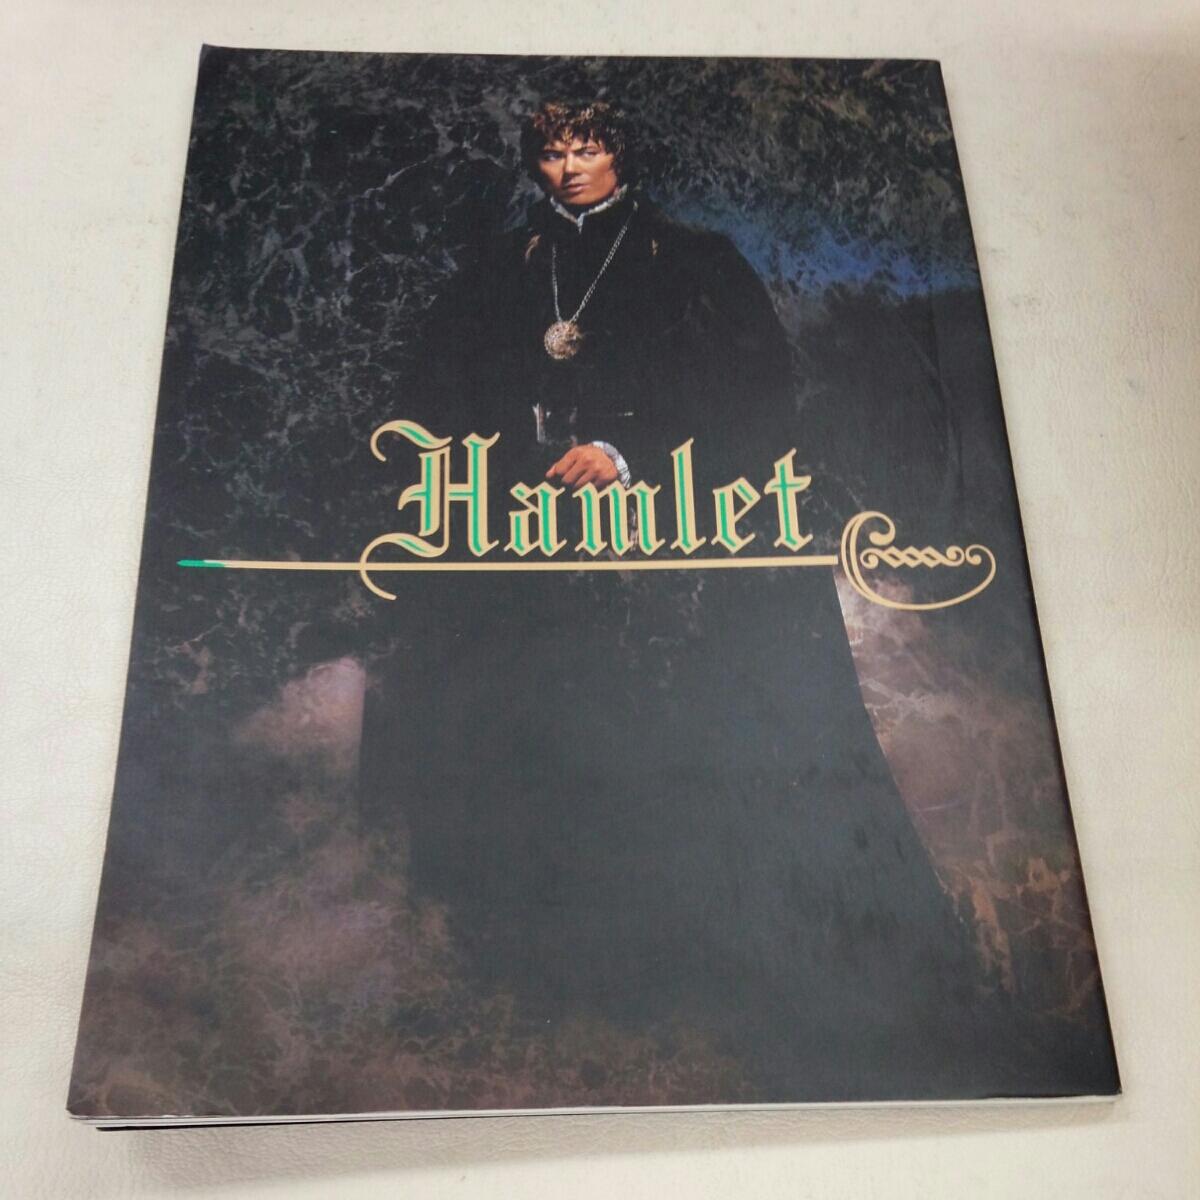 L4/ハムレット